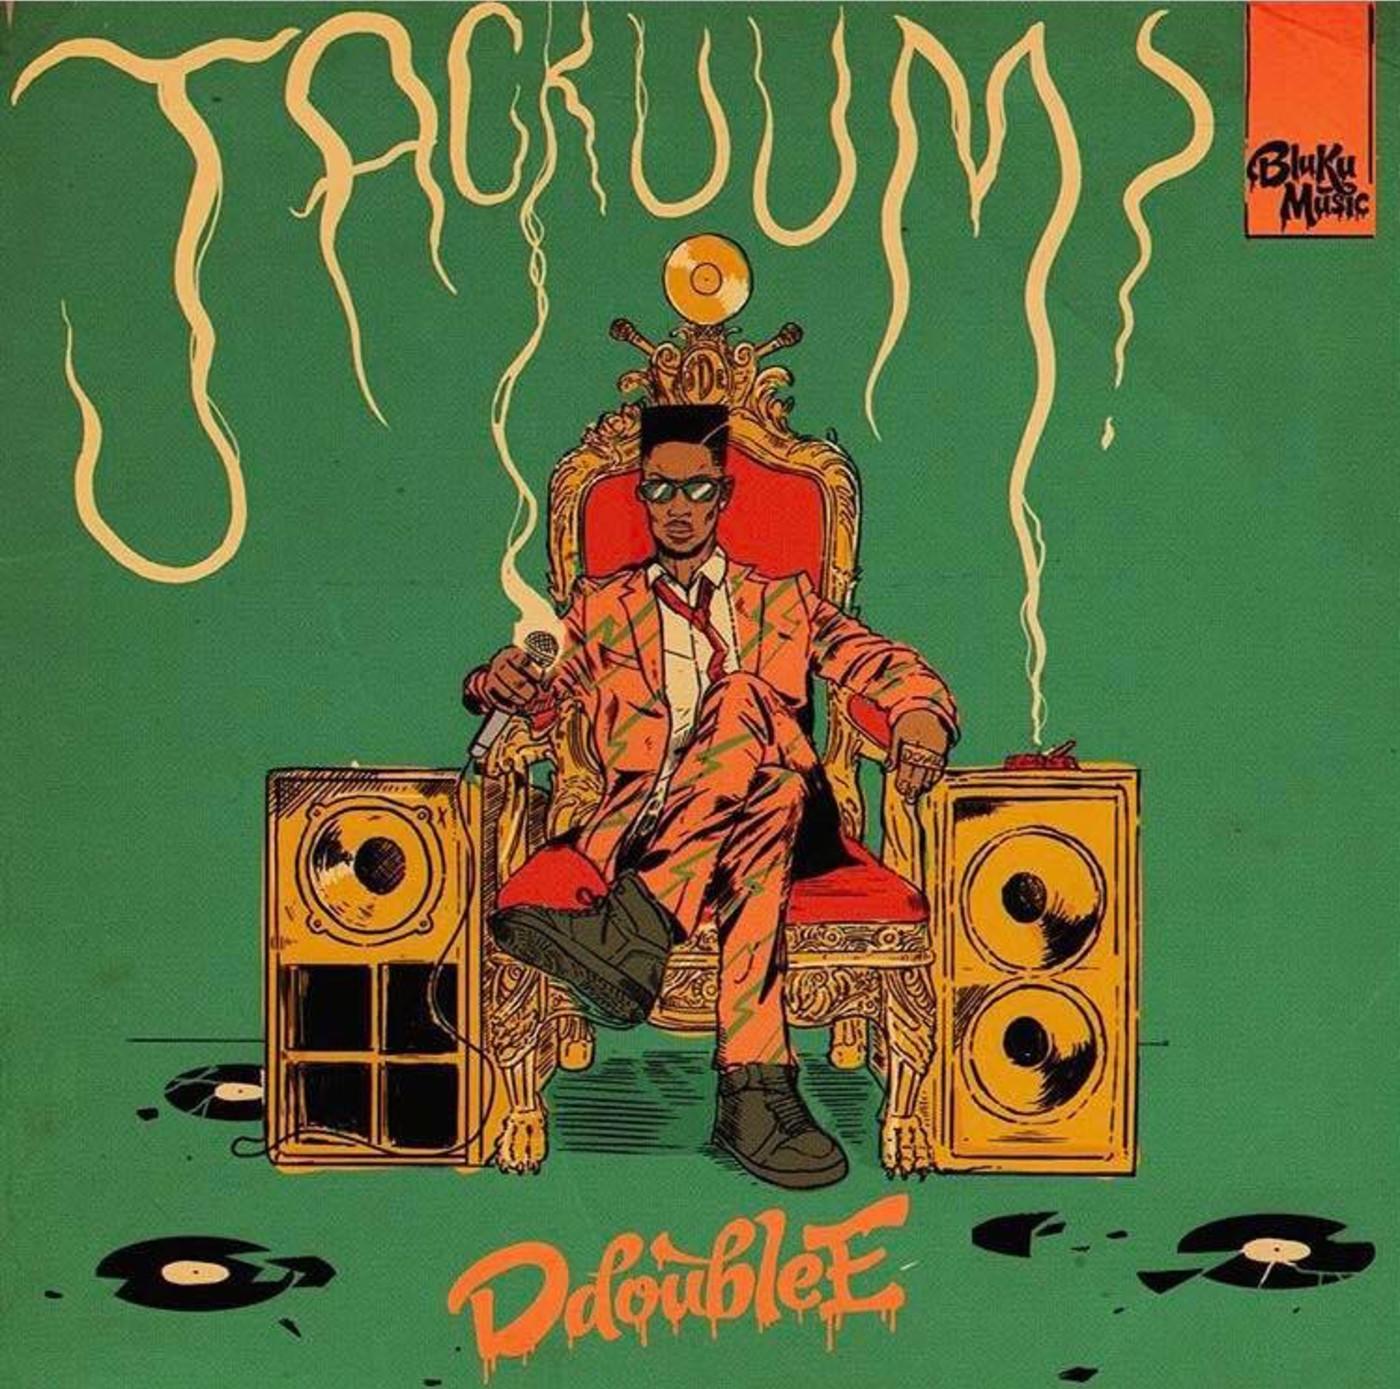 d-double-e-jackuum